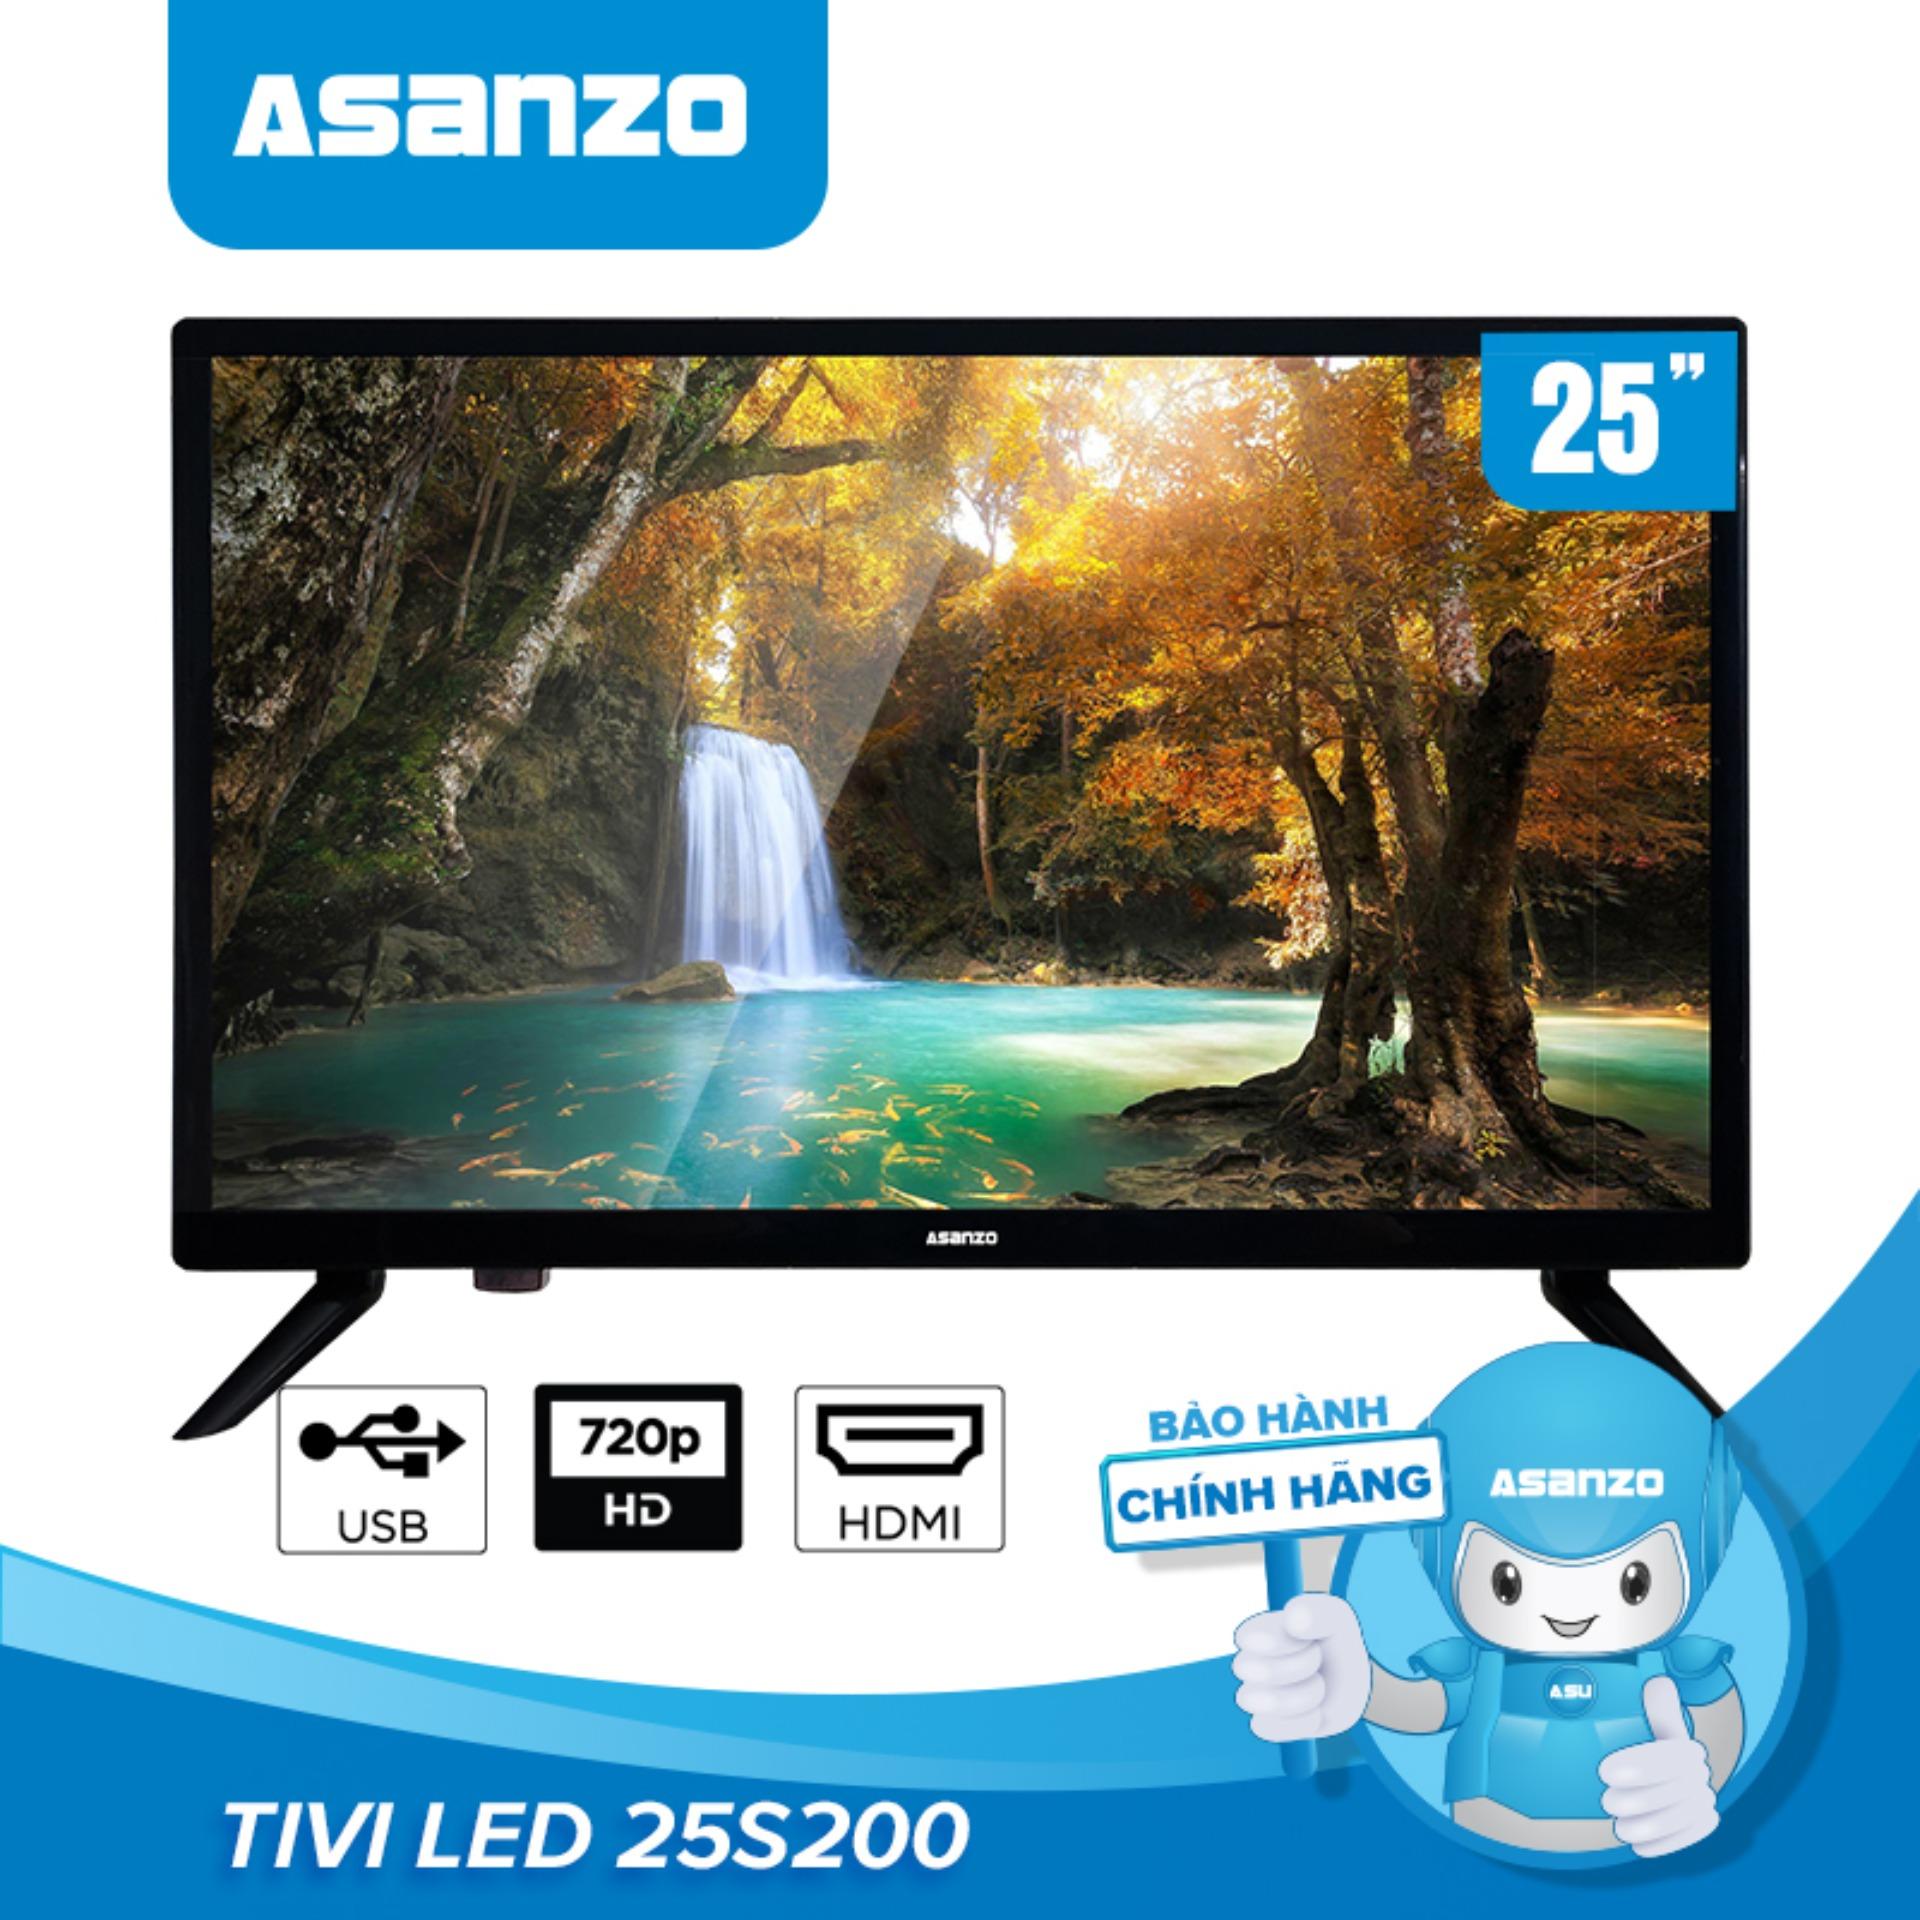 Tivi LED HD 25 Inch Asanzo 25S200T2 (HDMI, VGA, AV, Truyền Hình Số Mặt đất, Âm Thanh Vòm Ảo Dolby) - Bảo Hành 2 Năm Duy Nhất Khuyến Mại Hôm Nay